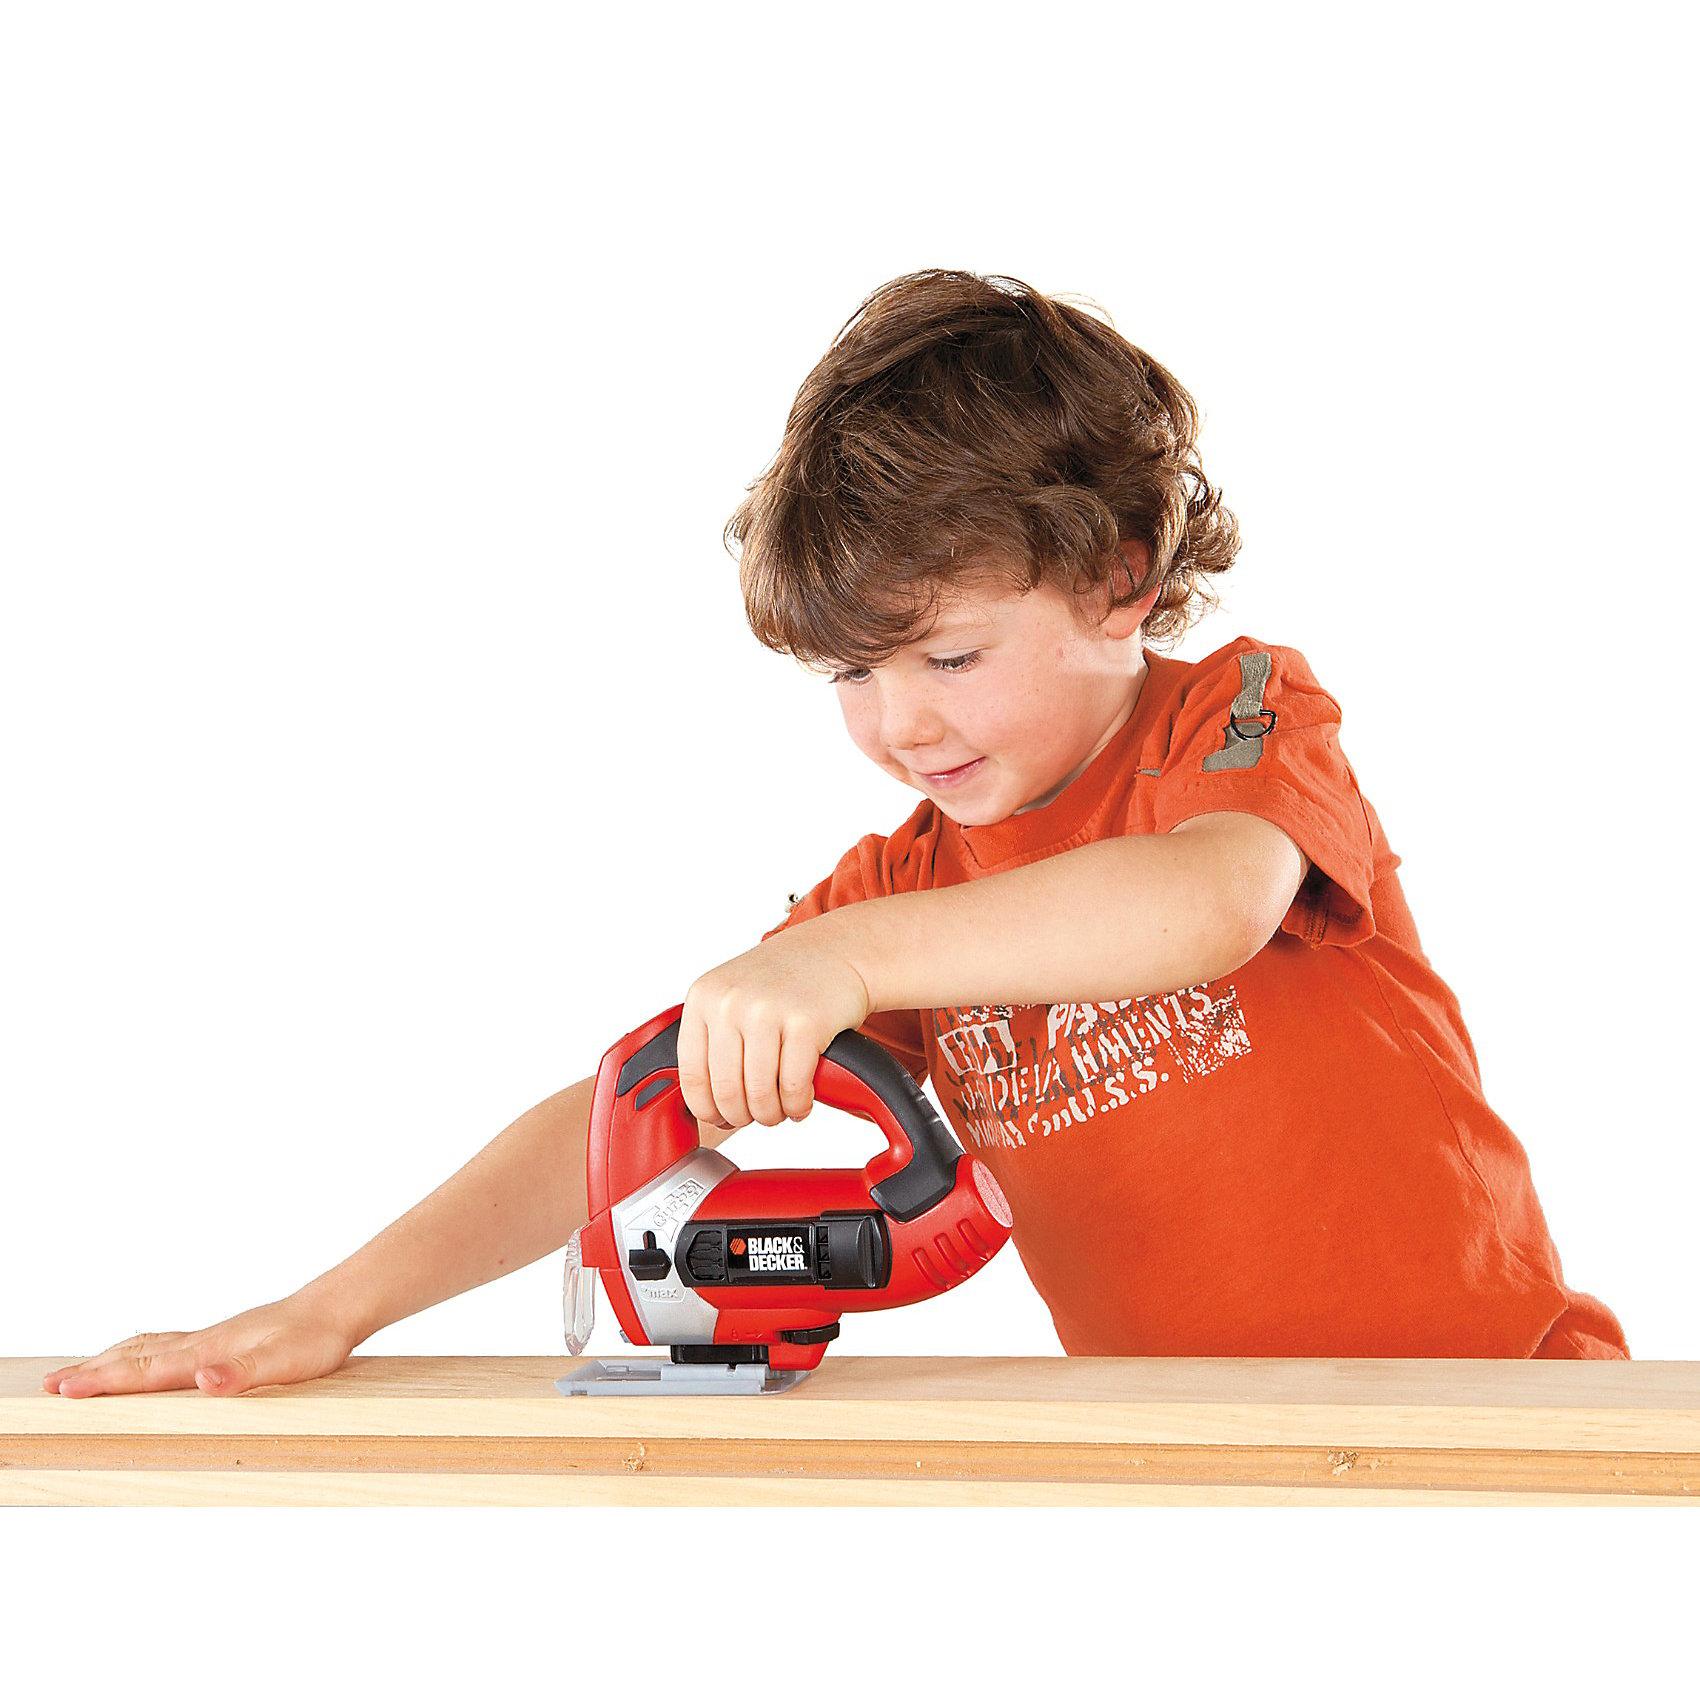 Лобзик  B&amp;D электронный, SmobyСюжетно-ролевые игры<br>Настоящим маленьким хозяевам очень понравится игрушечный электронный Лобзик B&amp;D. Игрушечный инструмент  практически не отличить от настоящего. Юный мастер оценит  такой инструмент с первого взгляда. А родителям будет приятно осознавать, что их ребенок растет умным и старательным , играя такими игрушками. И пусть малыш не сразу будет сверлить настоящие отверстия в стенах, зато когда вырастет, станет незаменимым папиным помощником. У игрушки есть удобная ручка и кнопка, нажав на которую раздаётся звук и светятся огоньки. Это прекрасный подарок, который пополнит коллекцию детских инструментов.<br><br>Дополнительная информация:<br><br>- материал: пластмасса <br>- размер игрушки: 14,5 х 5 х 17 см. <br>- размер упаковки: 24 х 7 х 21 см.<br>- длина: 24 см.<br>- ширина: 7 см.<br>- высота: 21 см.<br><br>Лобзик  B&amp;D электронный  Smoby можно купить в нашем интернет-магазине<br><br>Ширина мм: 244<br>Глубина мм: 213<br>Высота мм: 76<br>Вес г: 382<br>Возраст от месяцев: 36<br>Возраст до месяцев: 96<br>Пол: Мужской<br>Возраст: Детский<br>SKU: 2488857